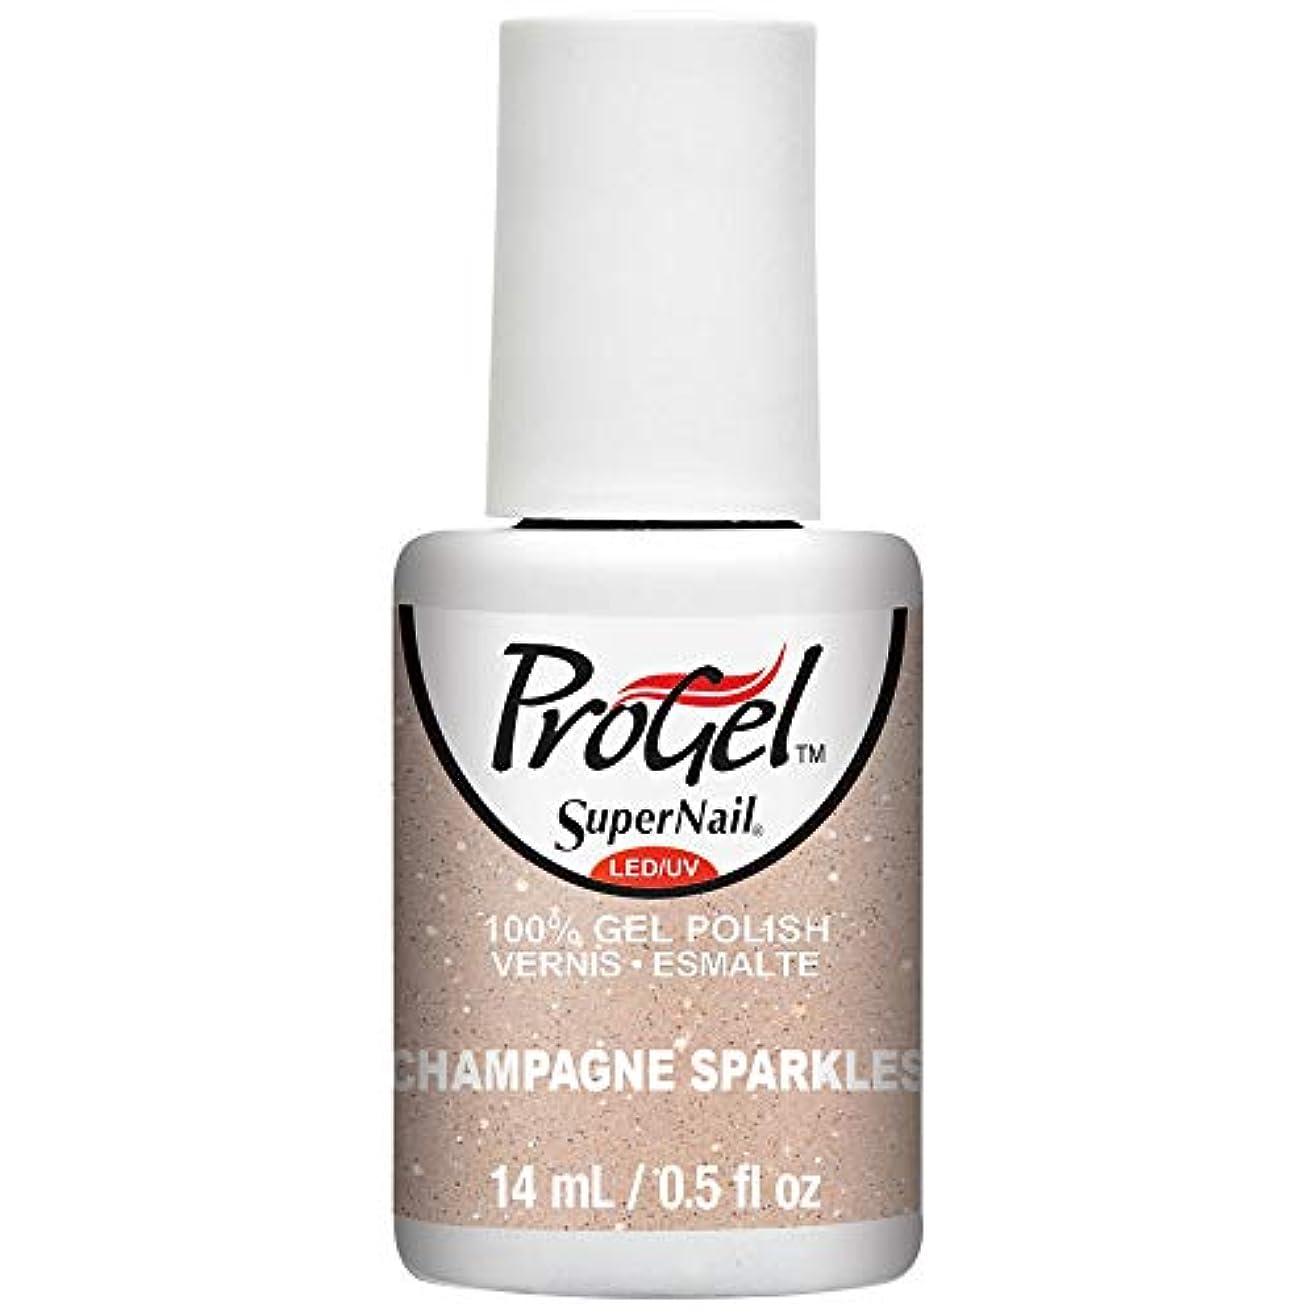 バッテリー目の前のバラエティSuperNail ProGel Gel Polish - Champagne Sparkles - 0.5oz / 14ml